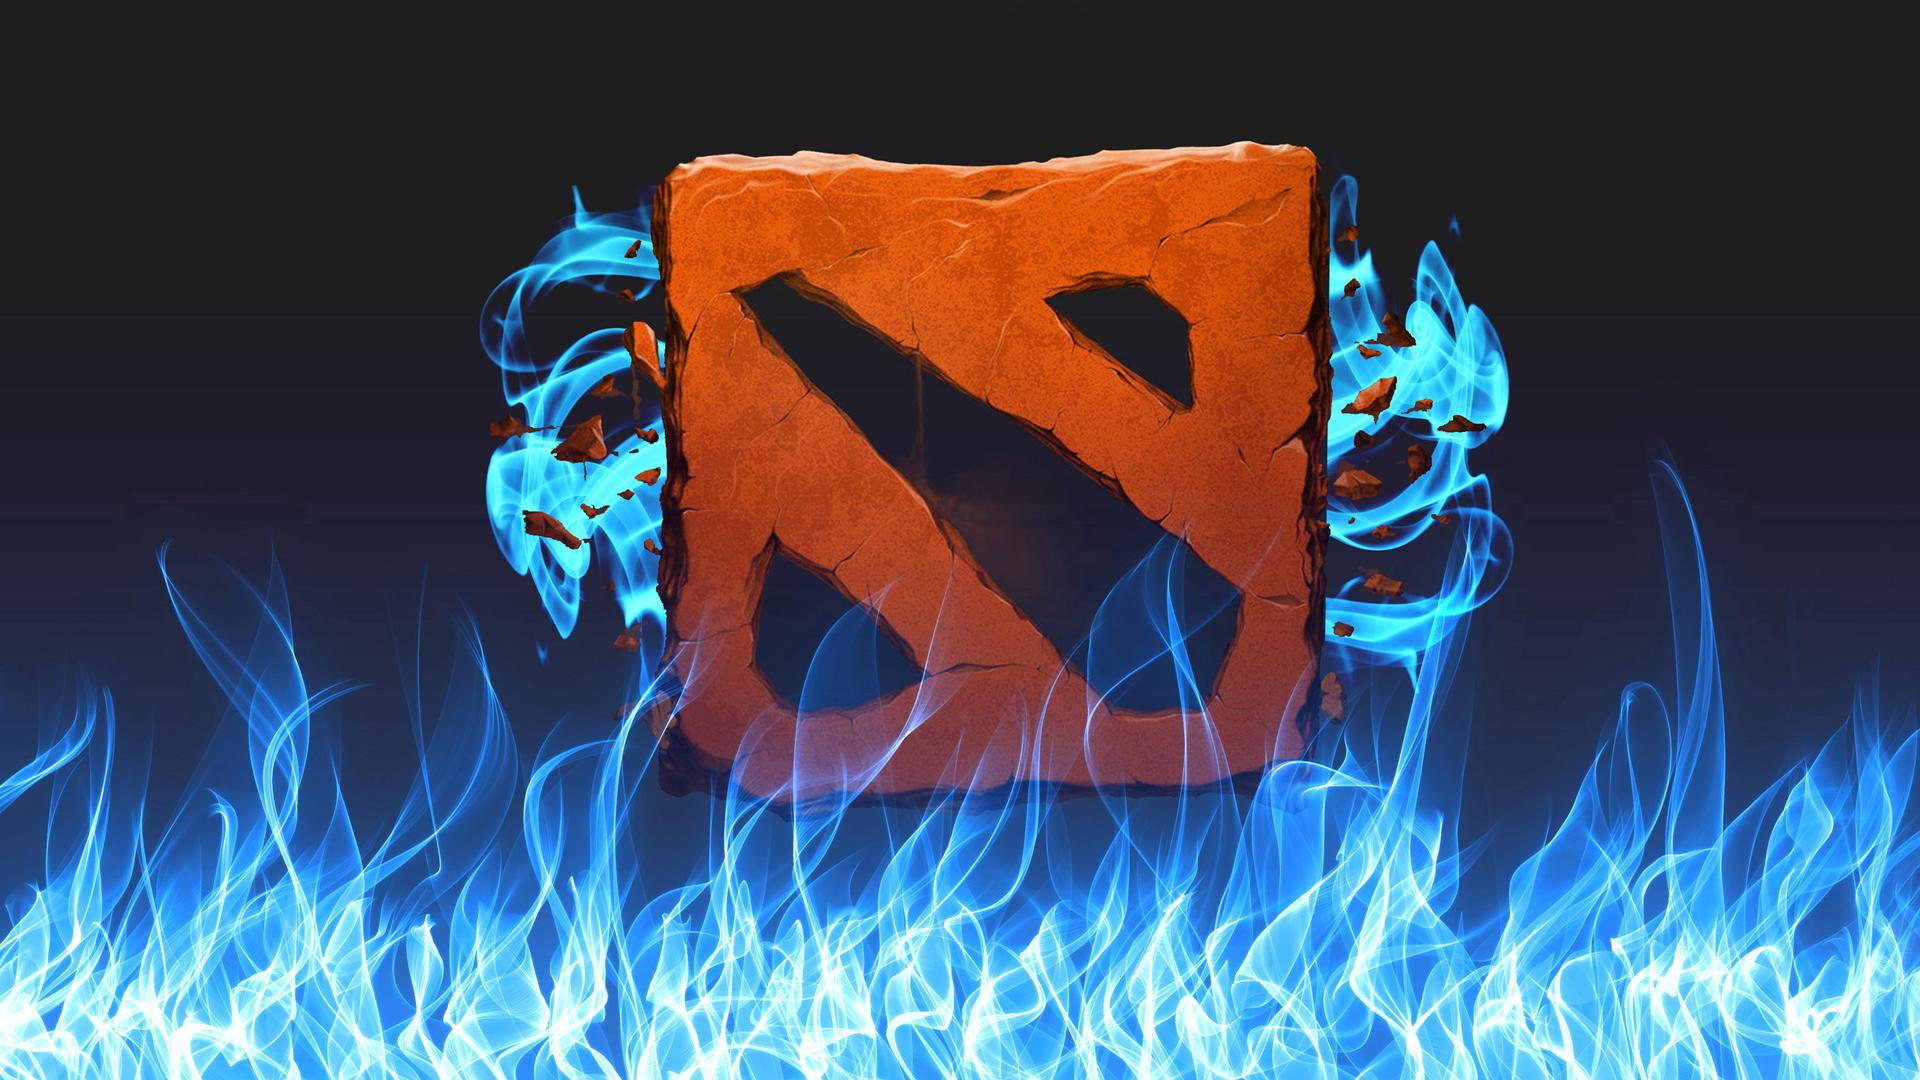 Dota 2 Logo Flame 02 Wallpaper HD